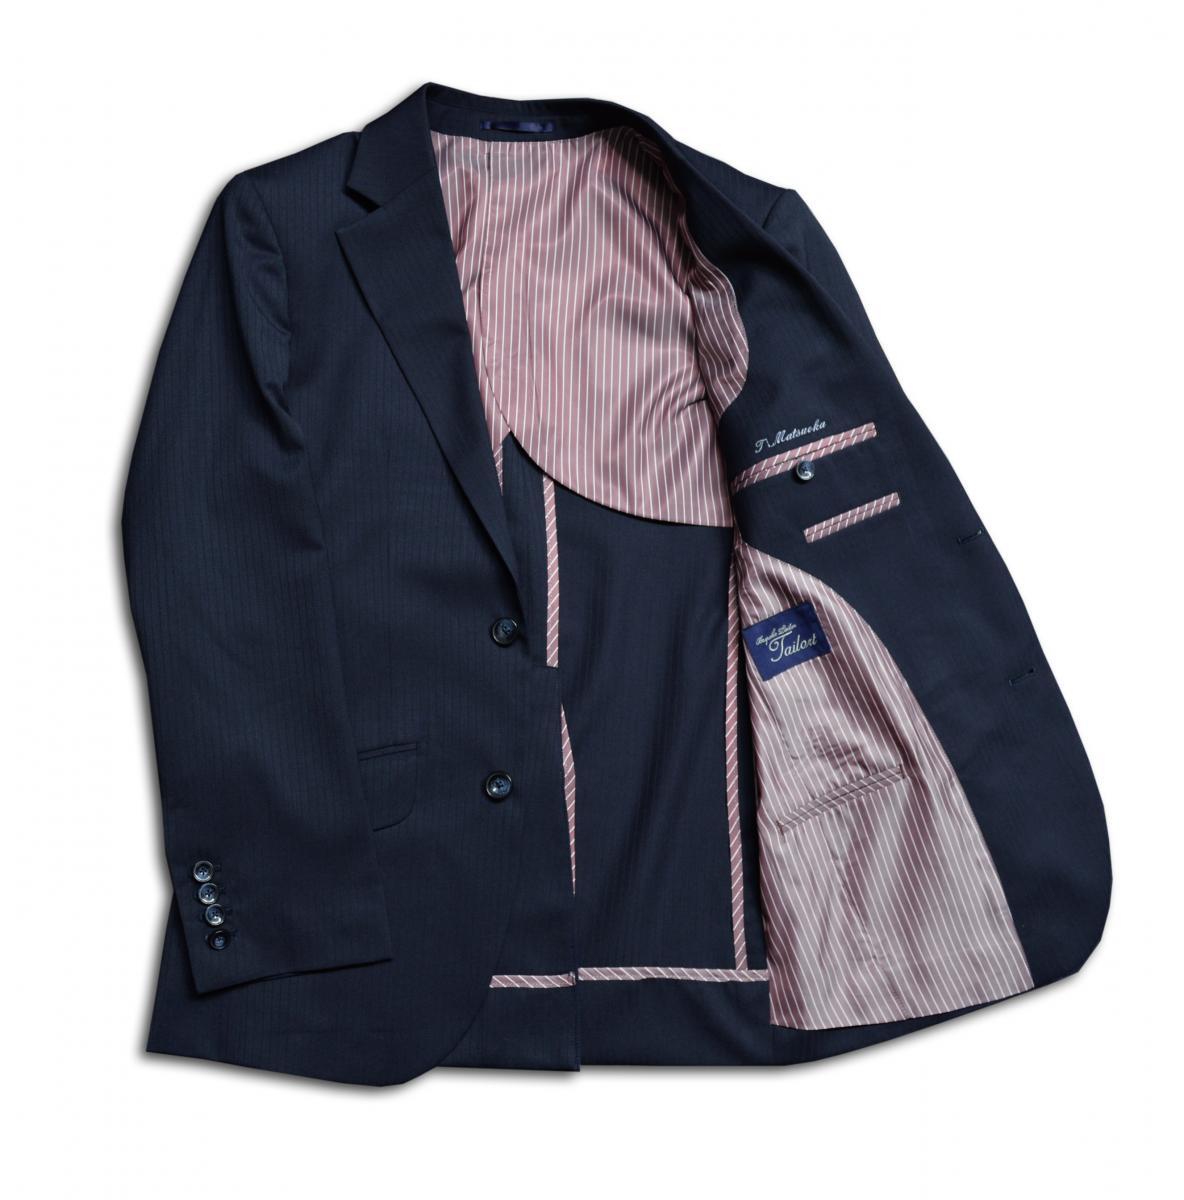 [オーダーレディーススーツ スカートセット]忙しいビジネスマンのあなたに、シワになりくい生地を。